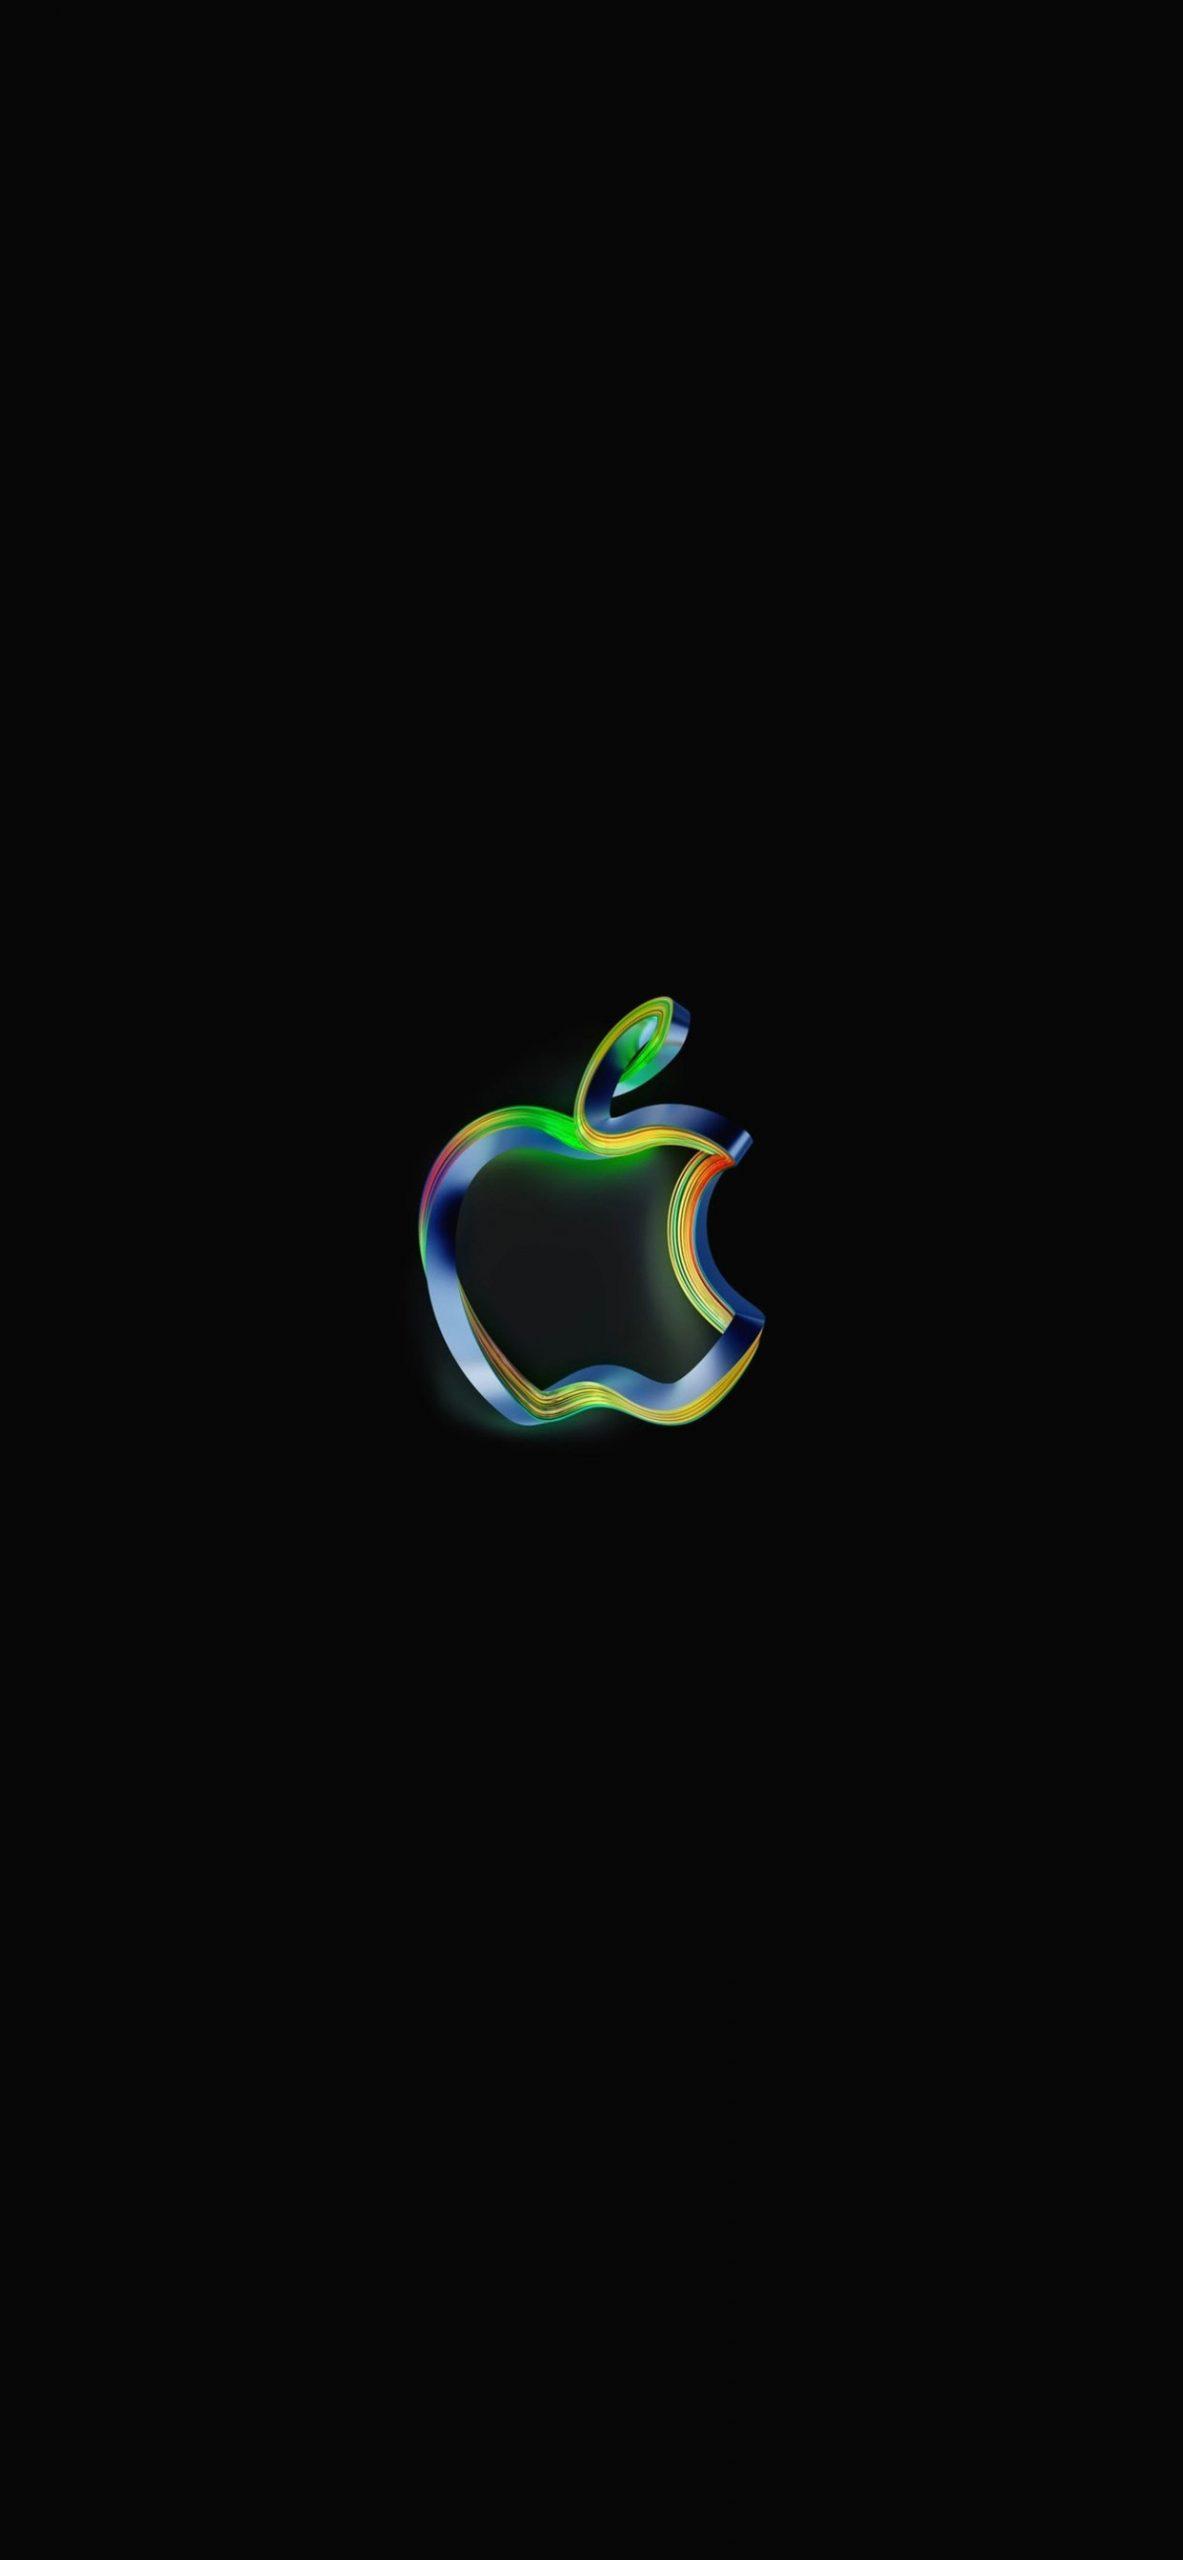 Apple har förstört mig!